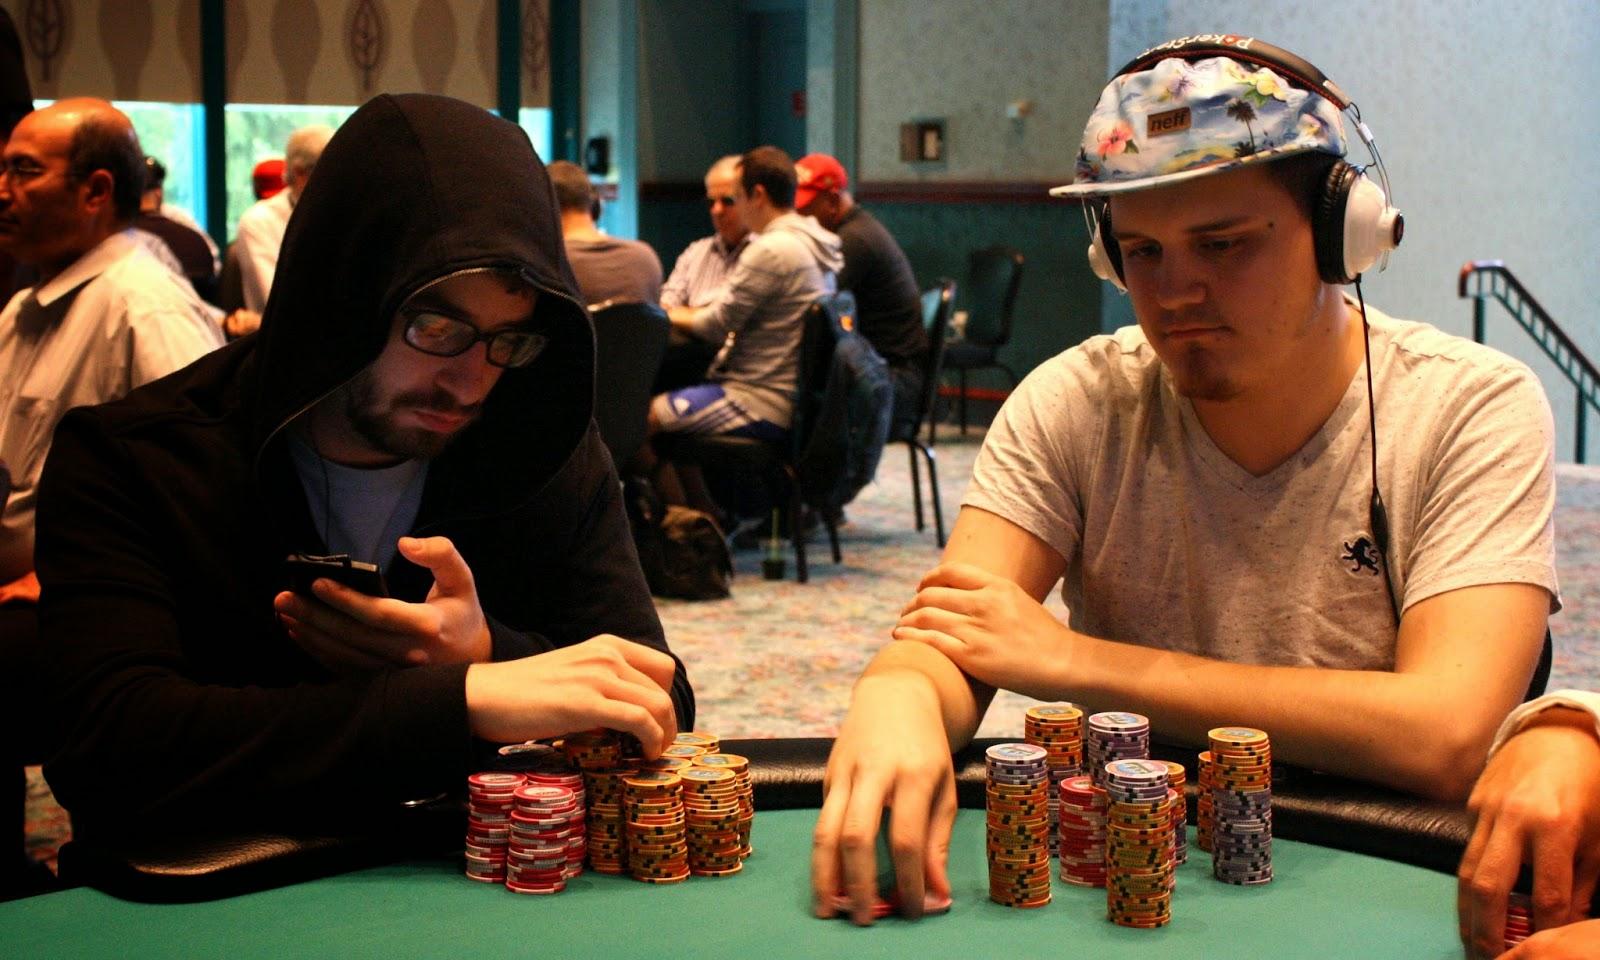 Mark dube poker comment avoir des jetons gratuit pour zynga poker